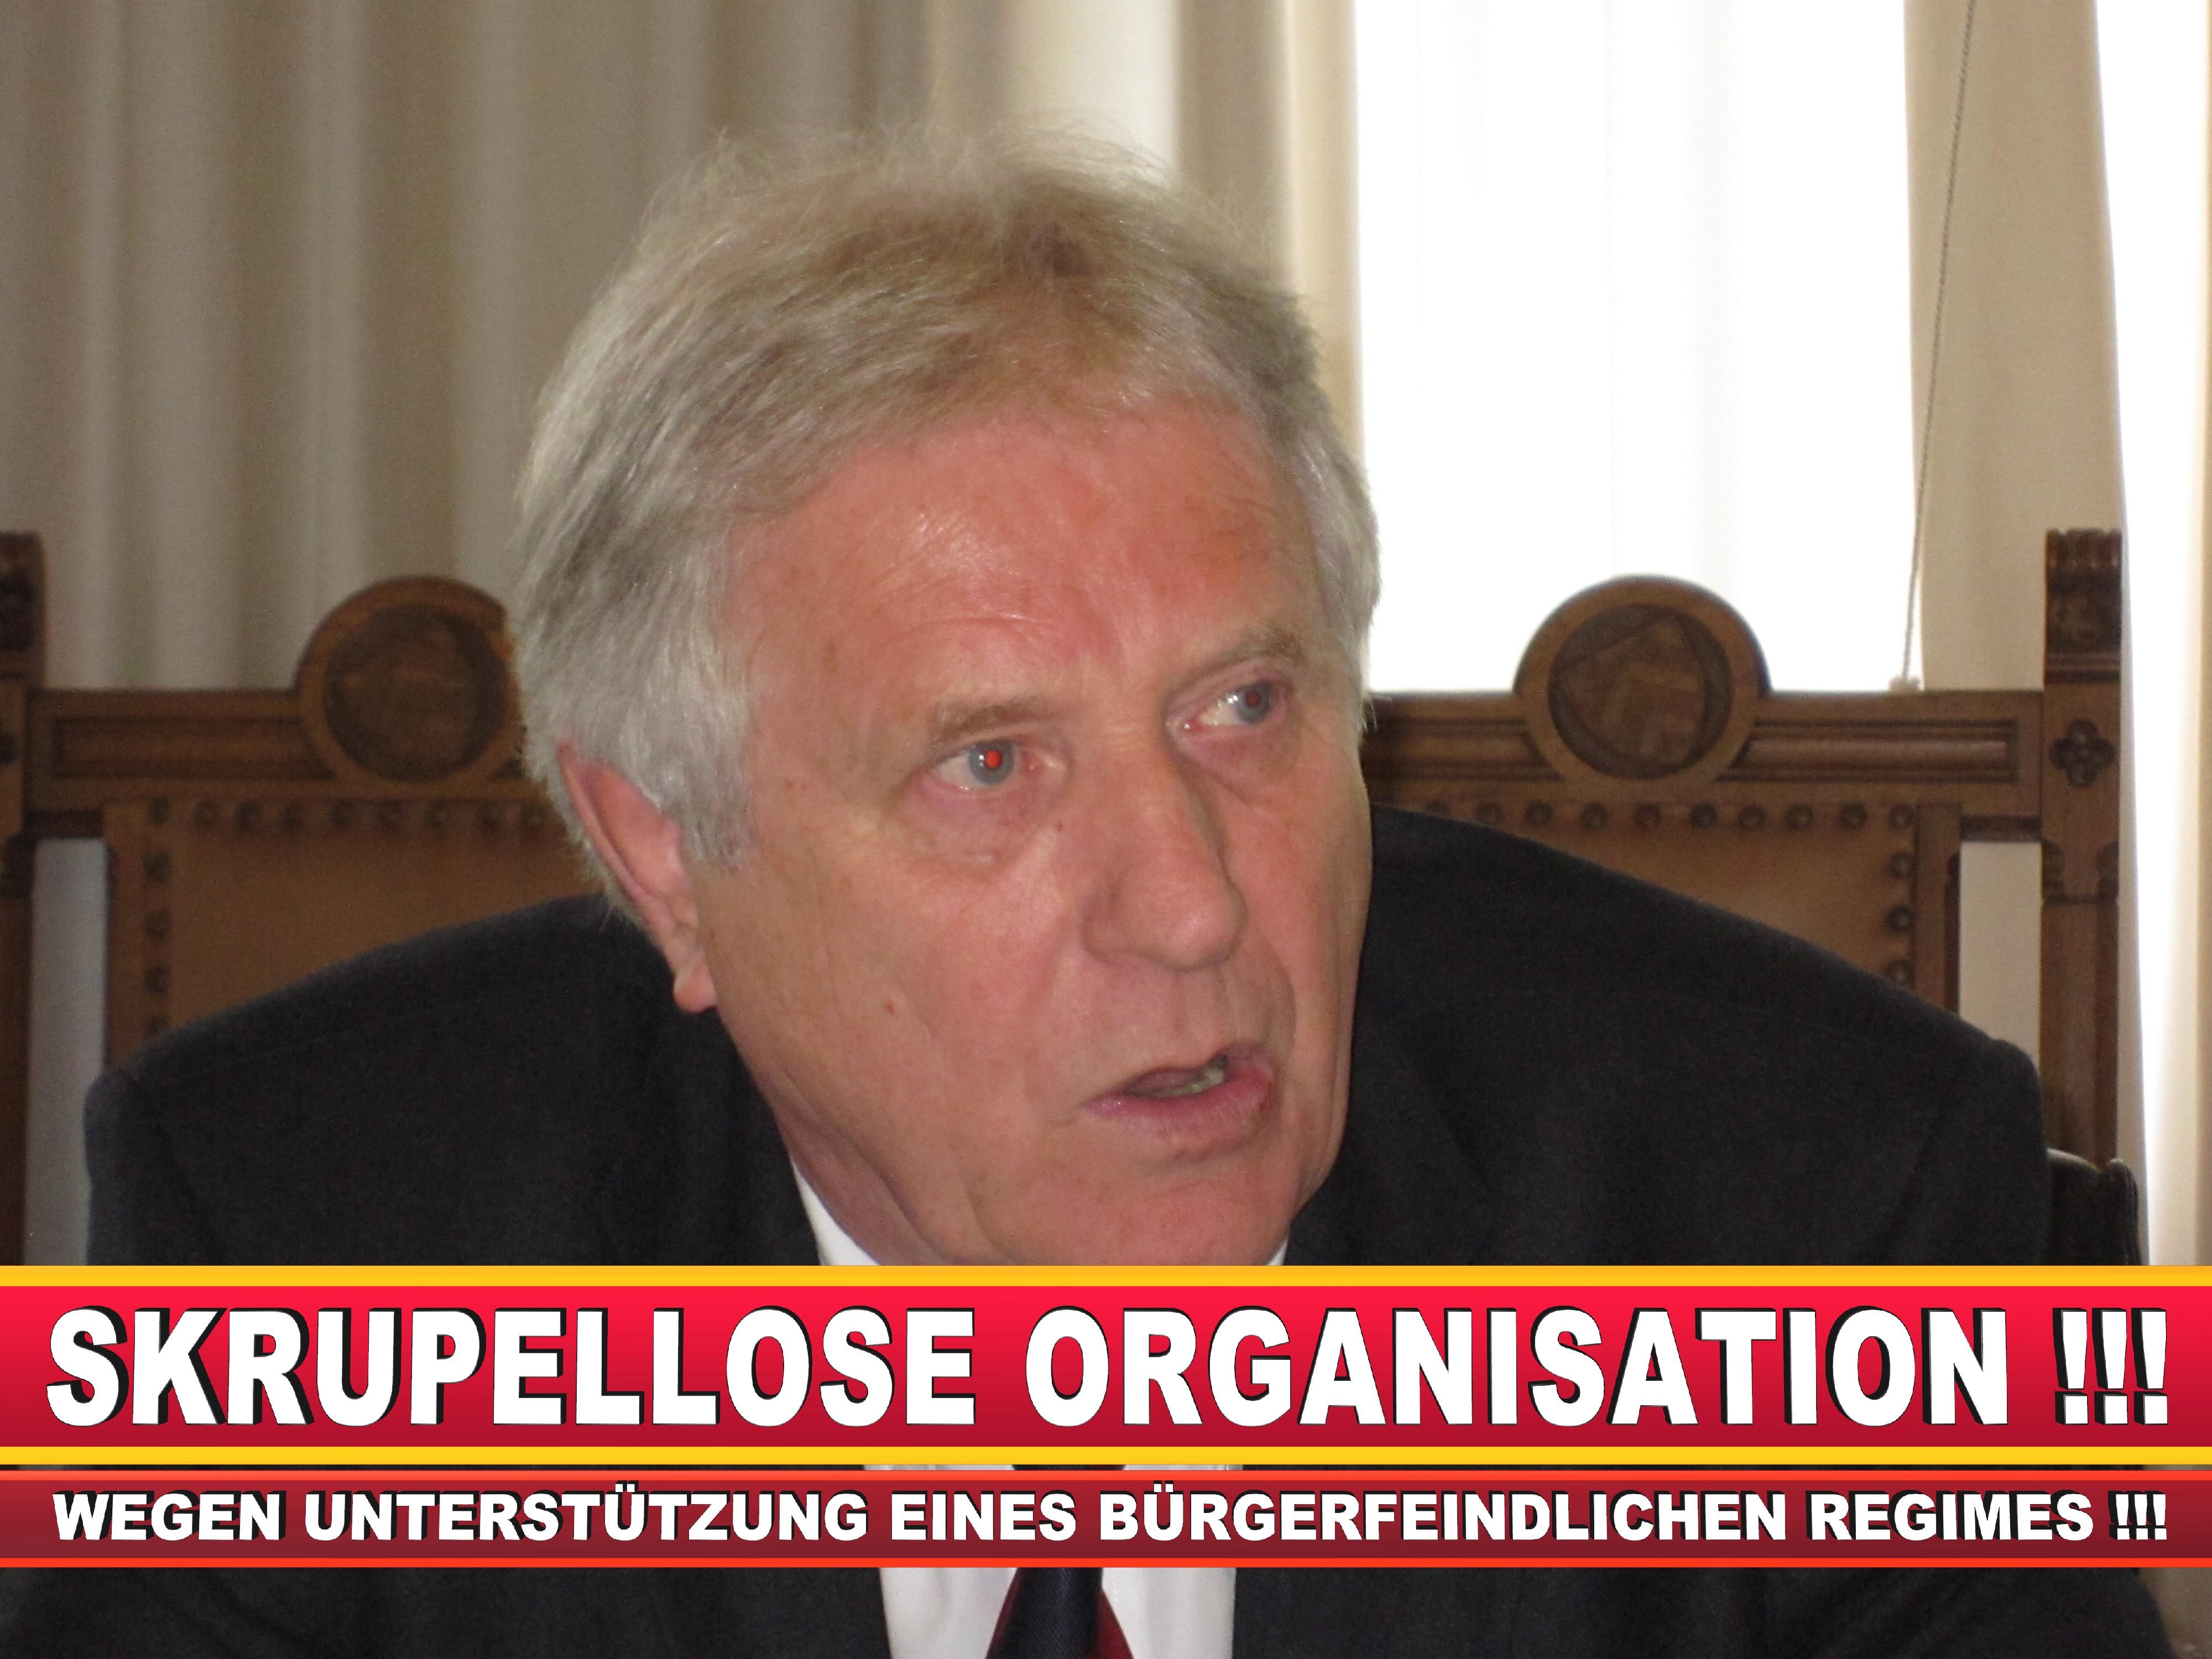 Polizeipräsident Erwin Südfeld Bielefeld Oberbürgermeister Bürgermeister Peter Clausen Pit Clausen Bielefeld (18)